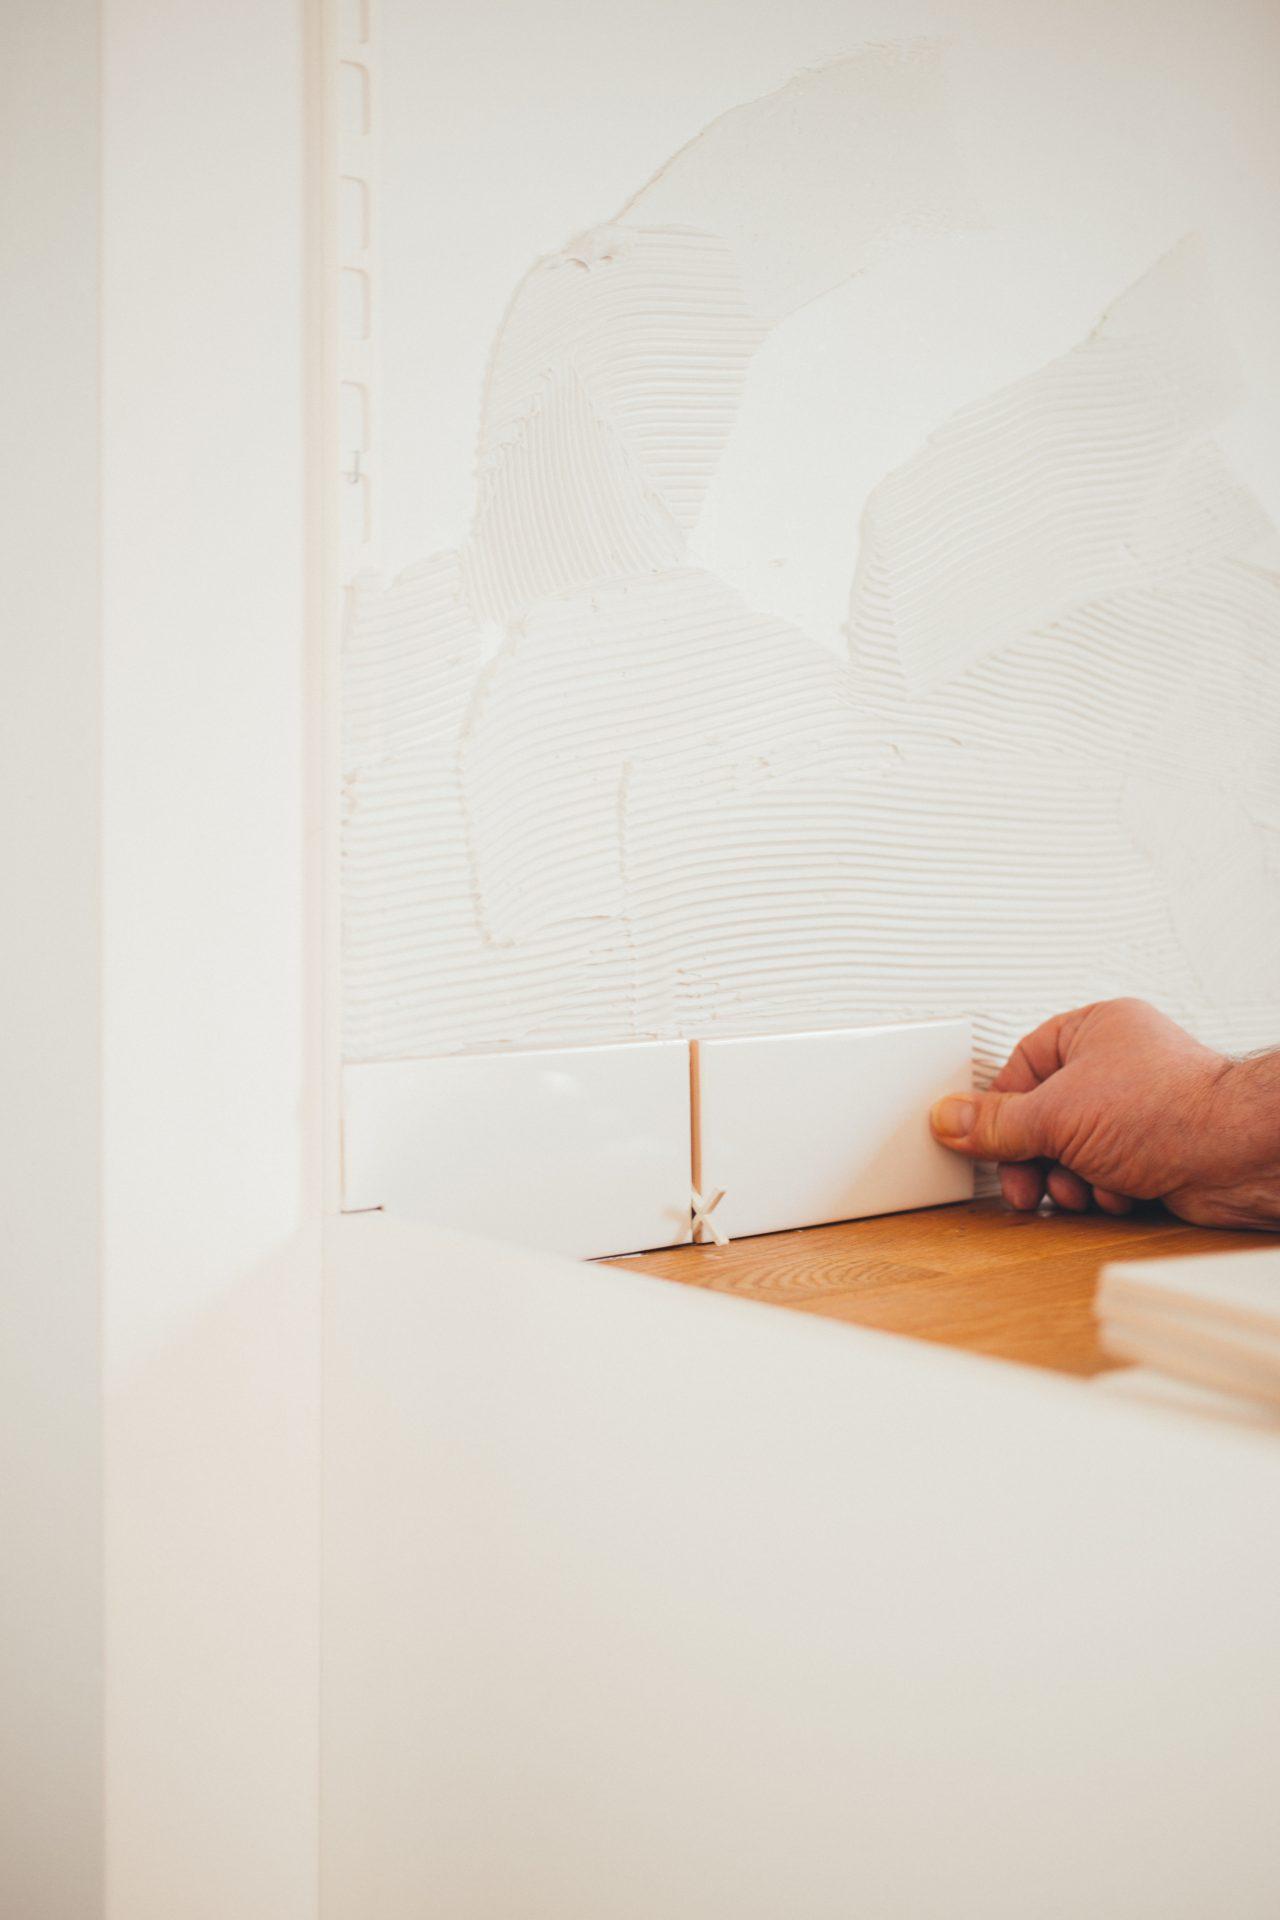 rechte und pflichten des mieters bei kleinreparaturen 59plus. Black Bedroom Furniture Sets. Home Design Ideas